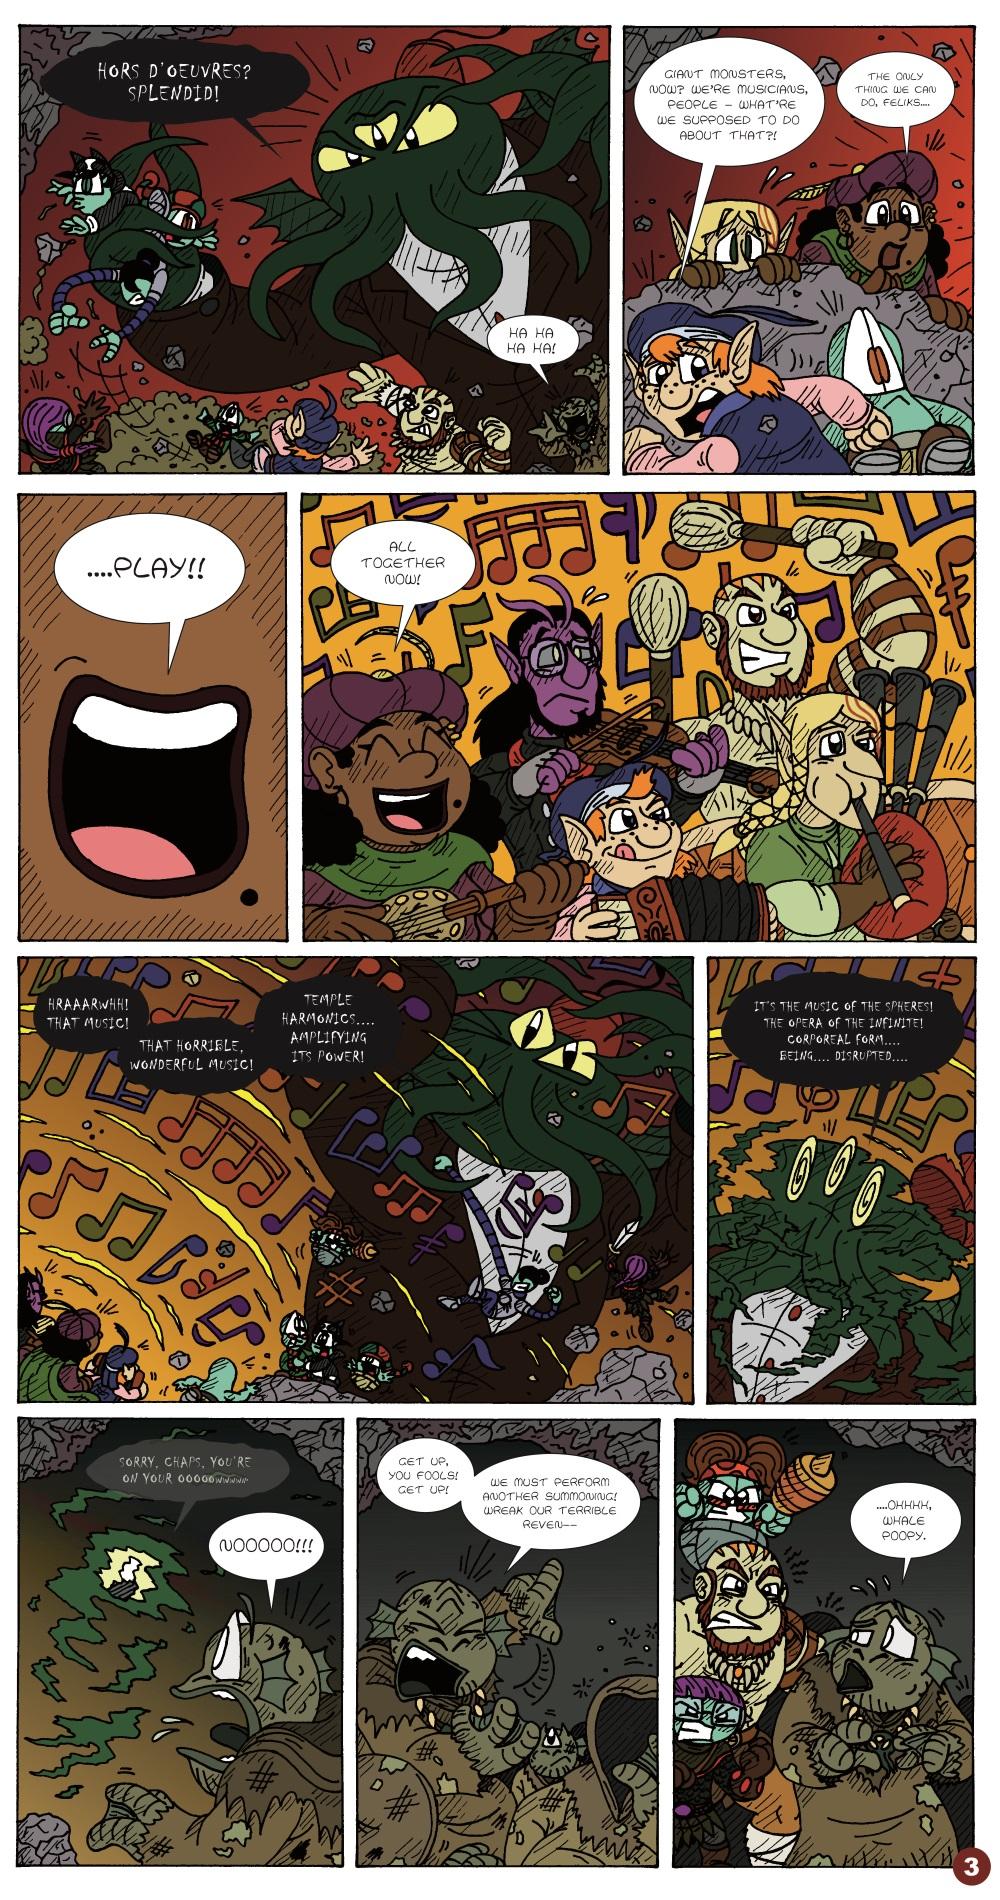 SOCC: Halloween mayhem 3